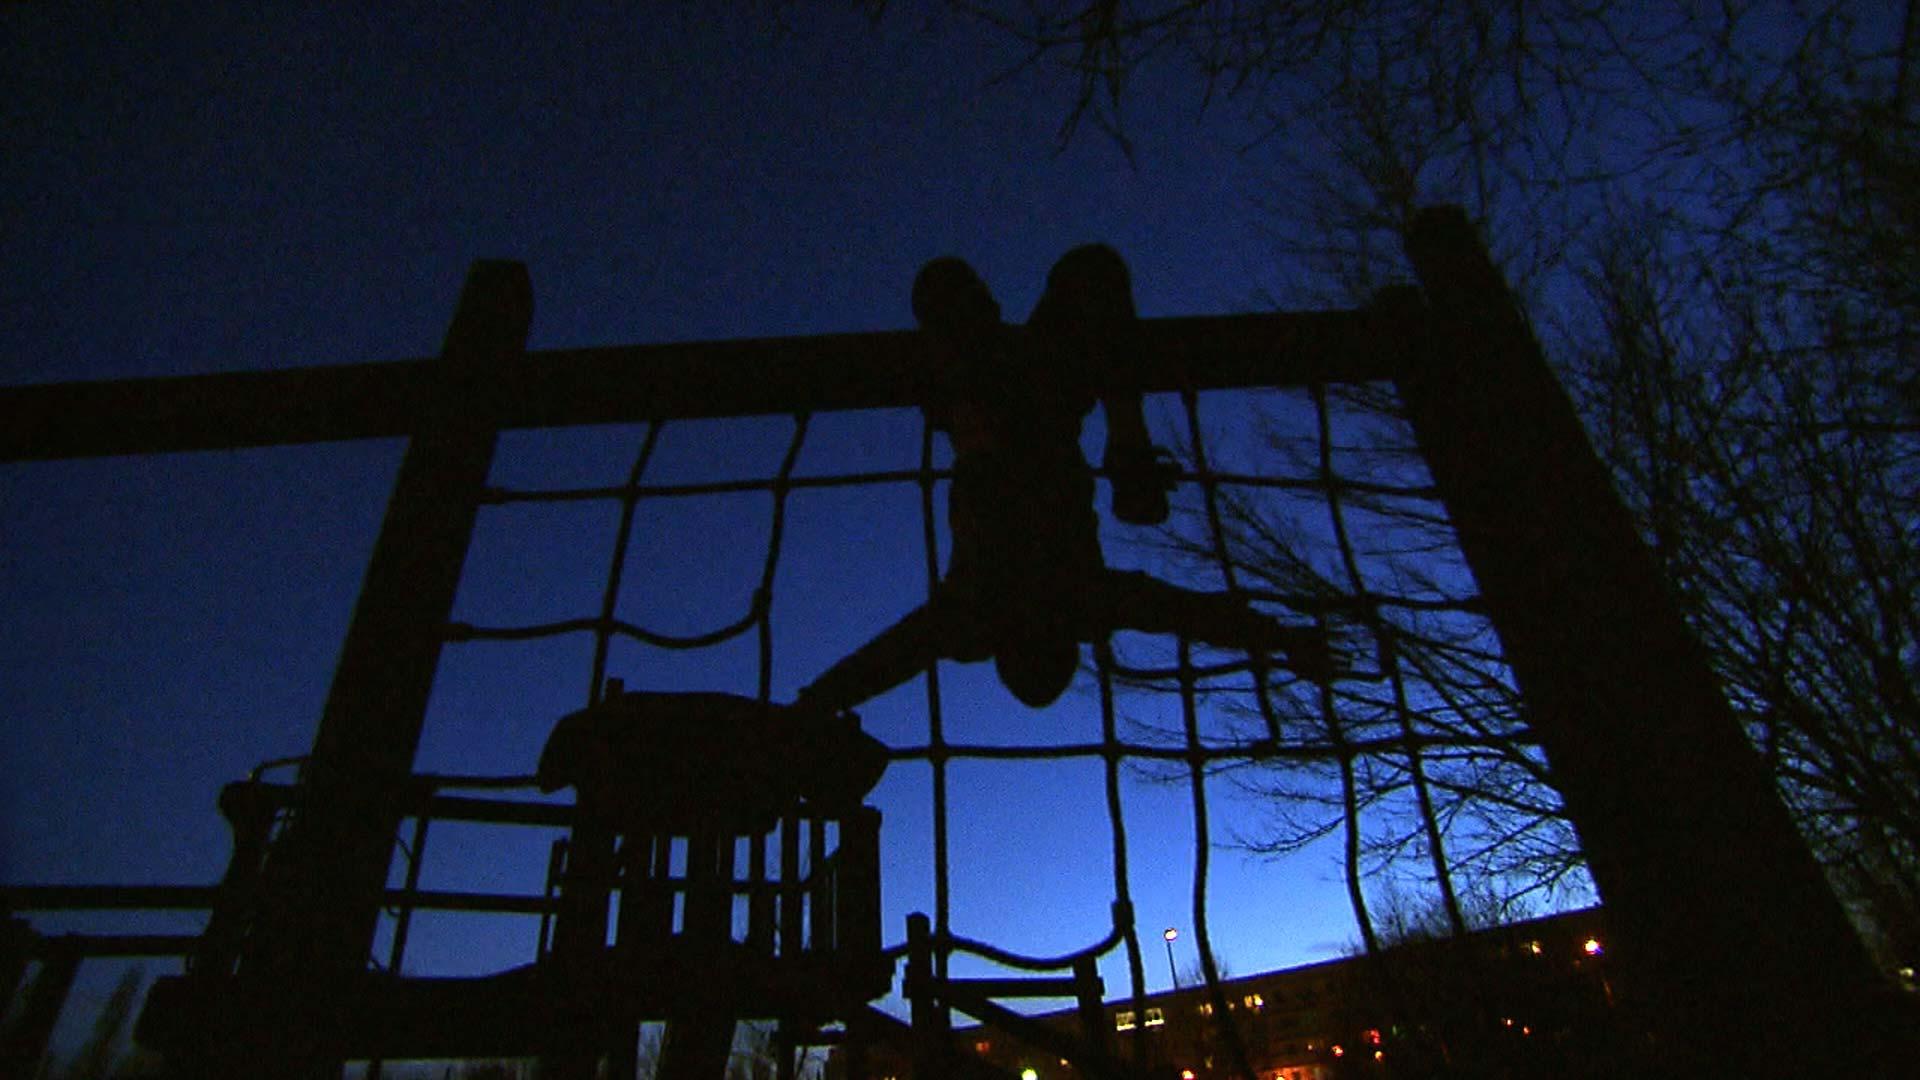 Junge spielt nachts auf dem Spielplatz